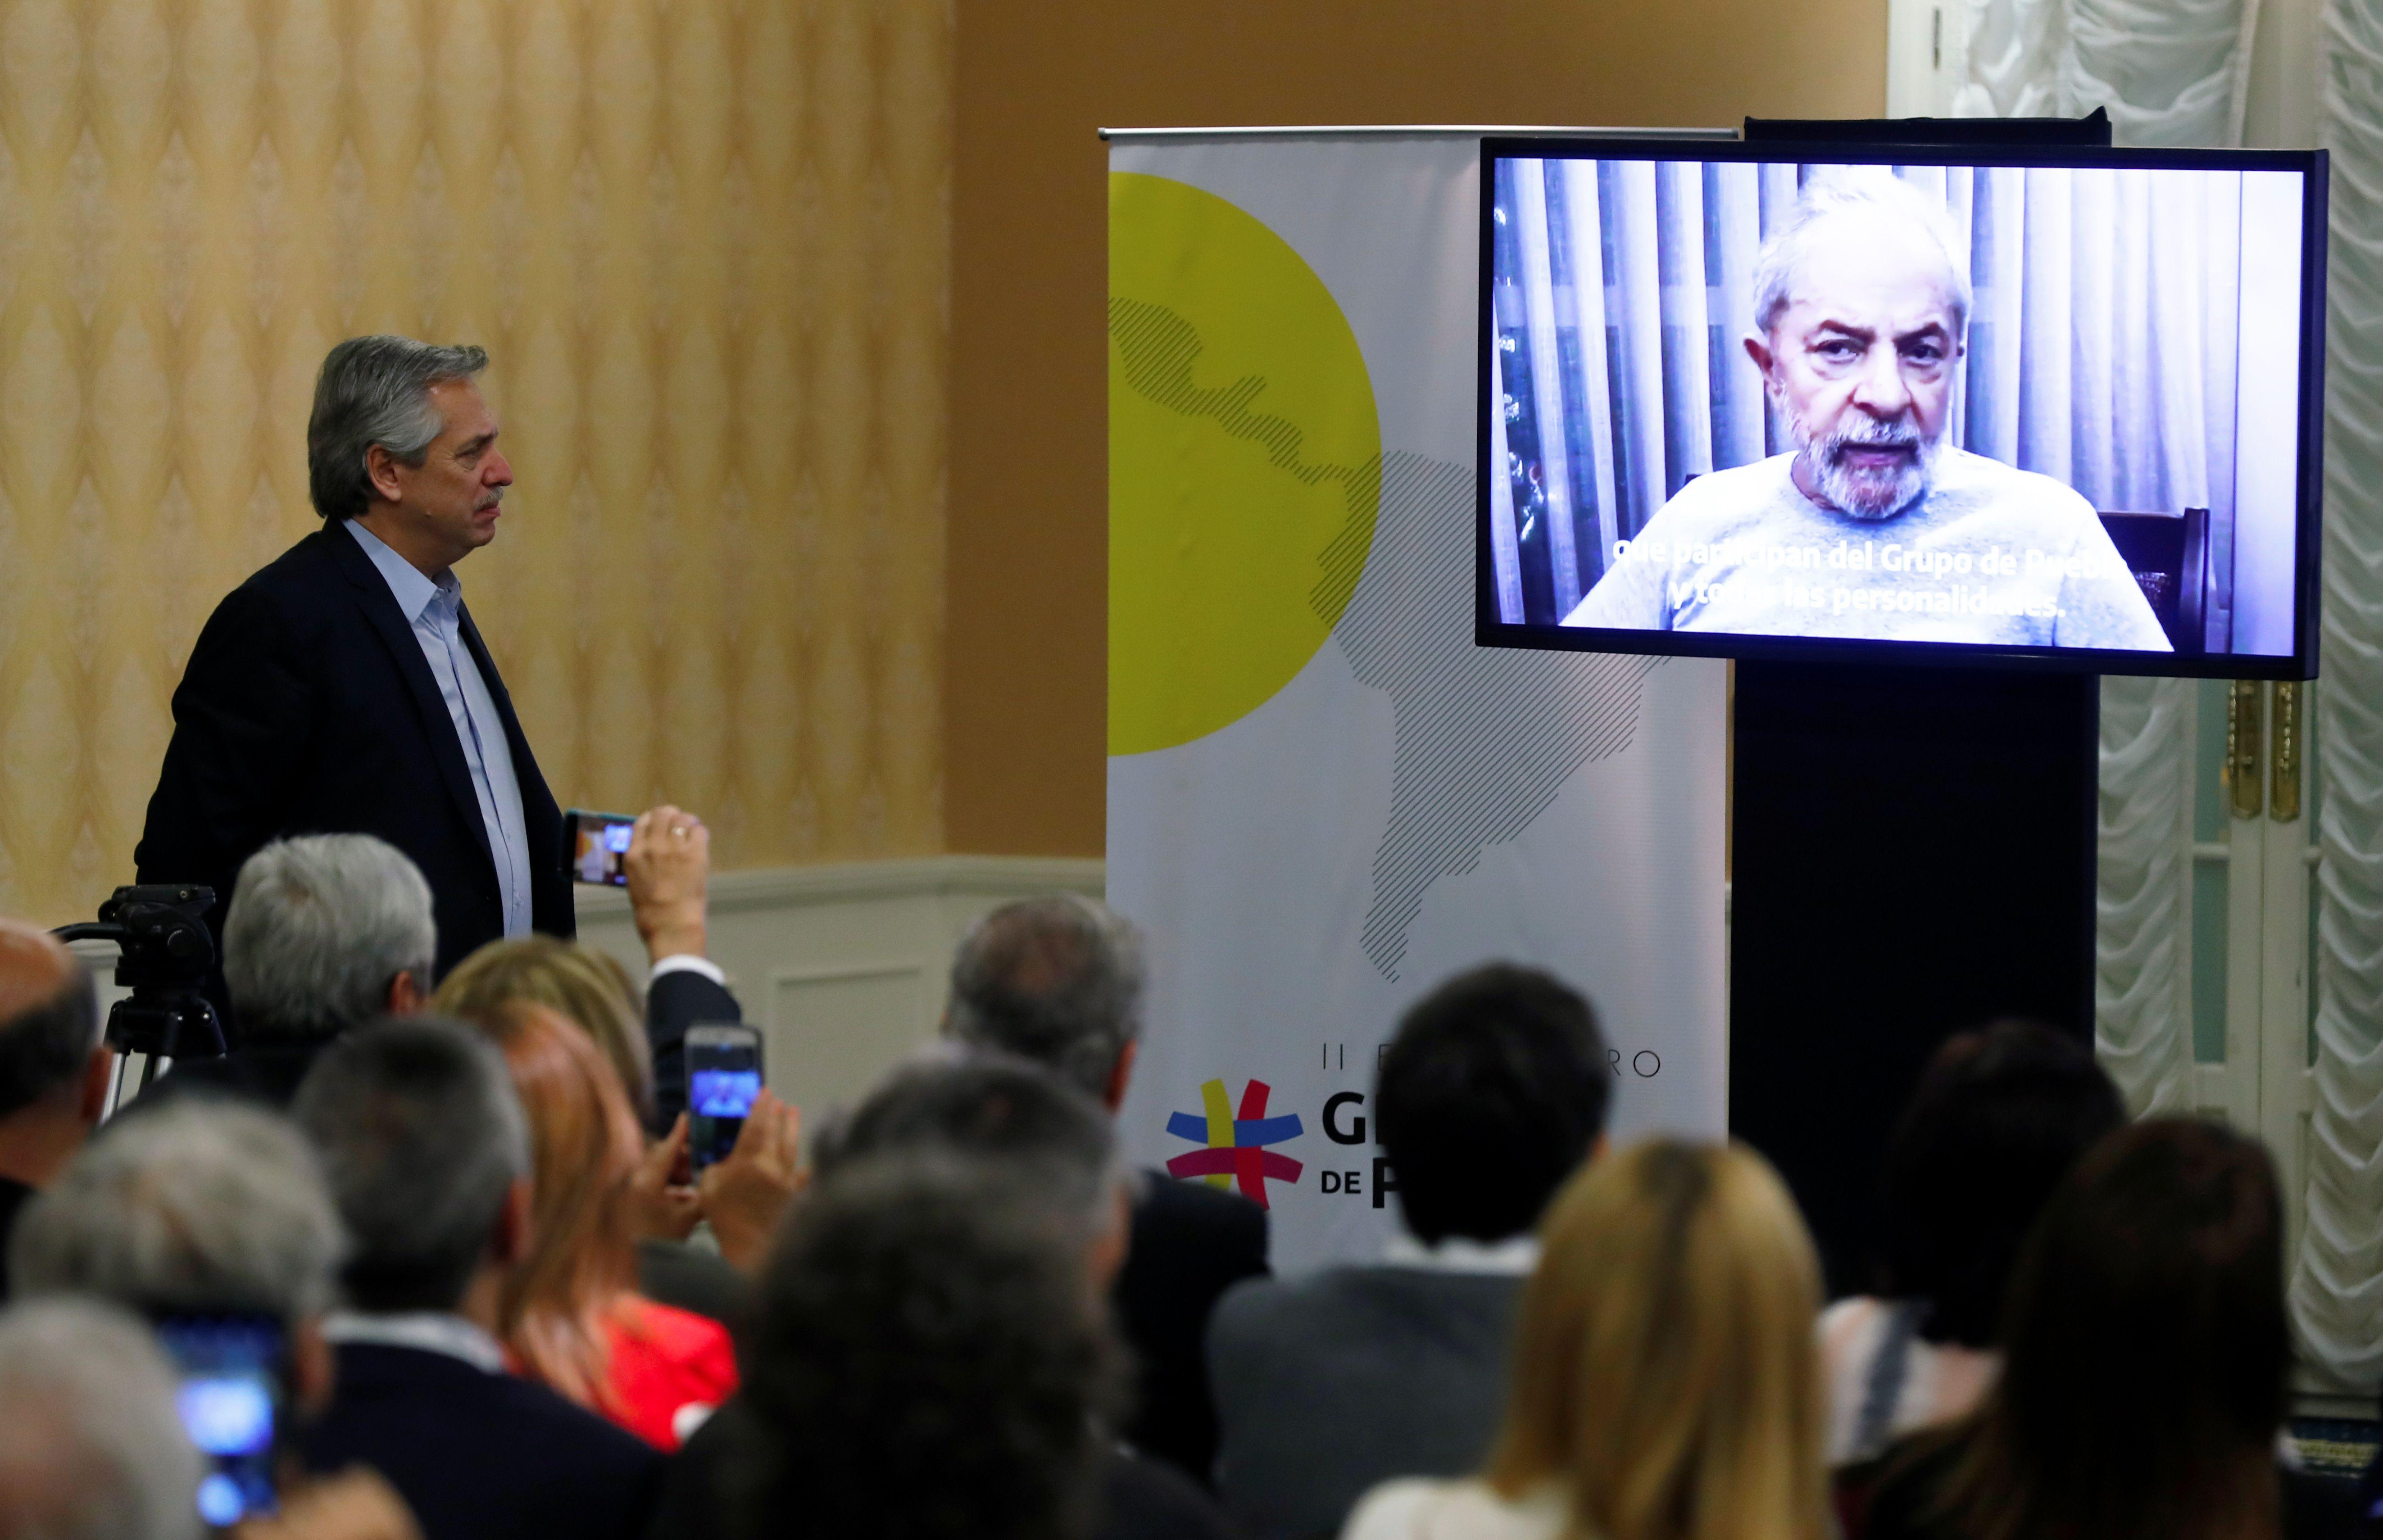 Alberto Fernández vio el video de Lula ayer en la cumbre de Puebla. REUTERS/Agustin Marcarian